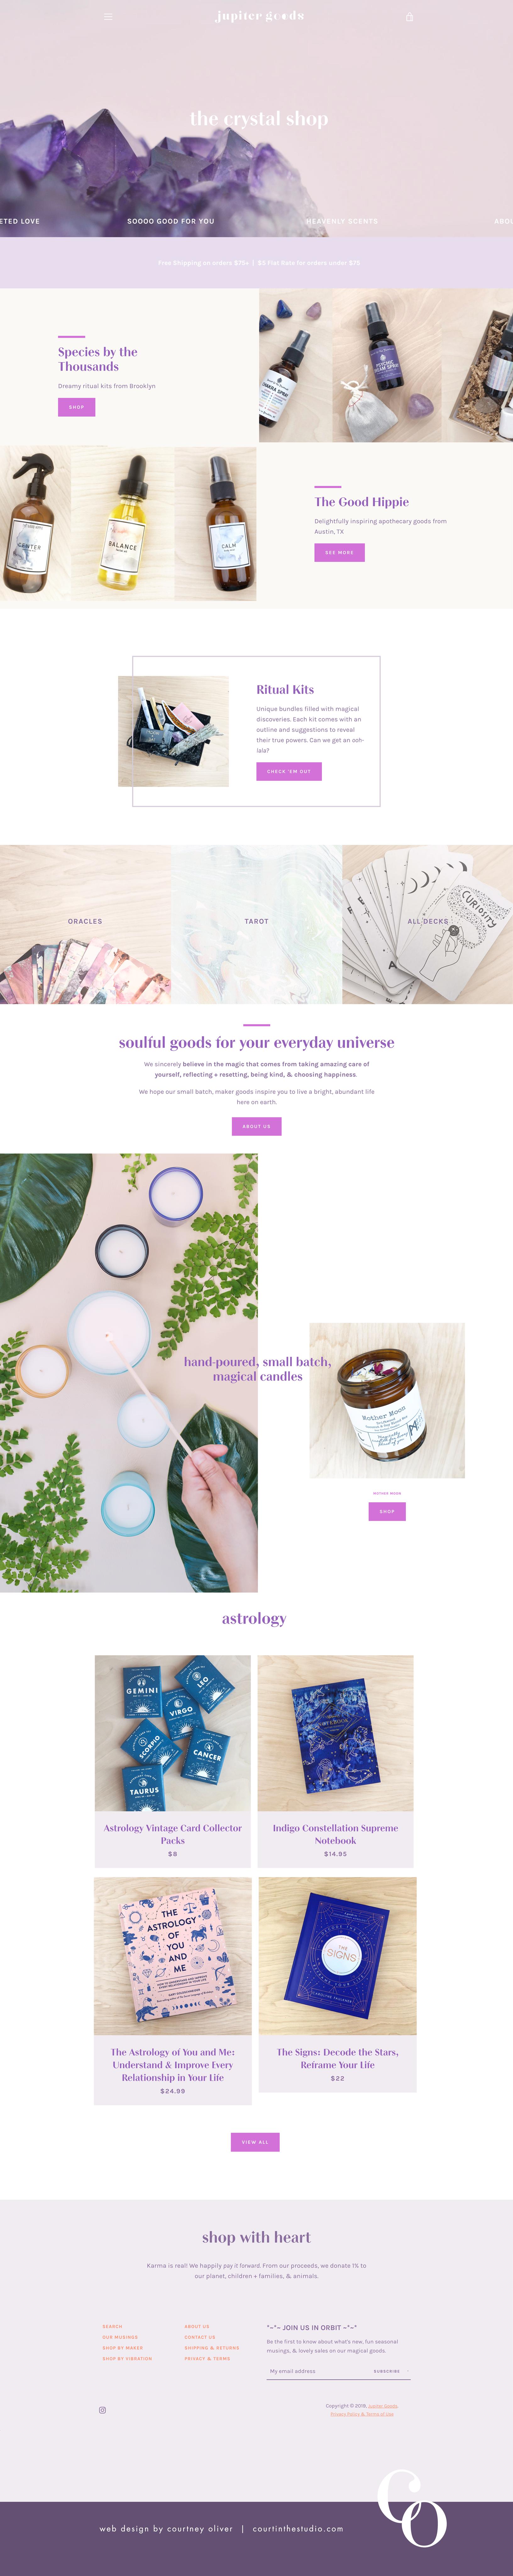 modern-shopify-website-design-jupiter-goods-courtney-oliver-designer.png